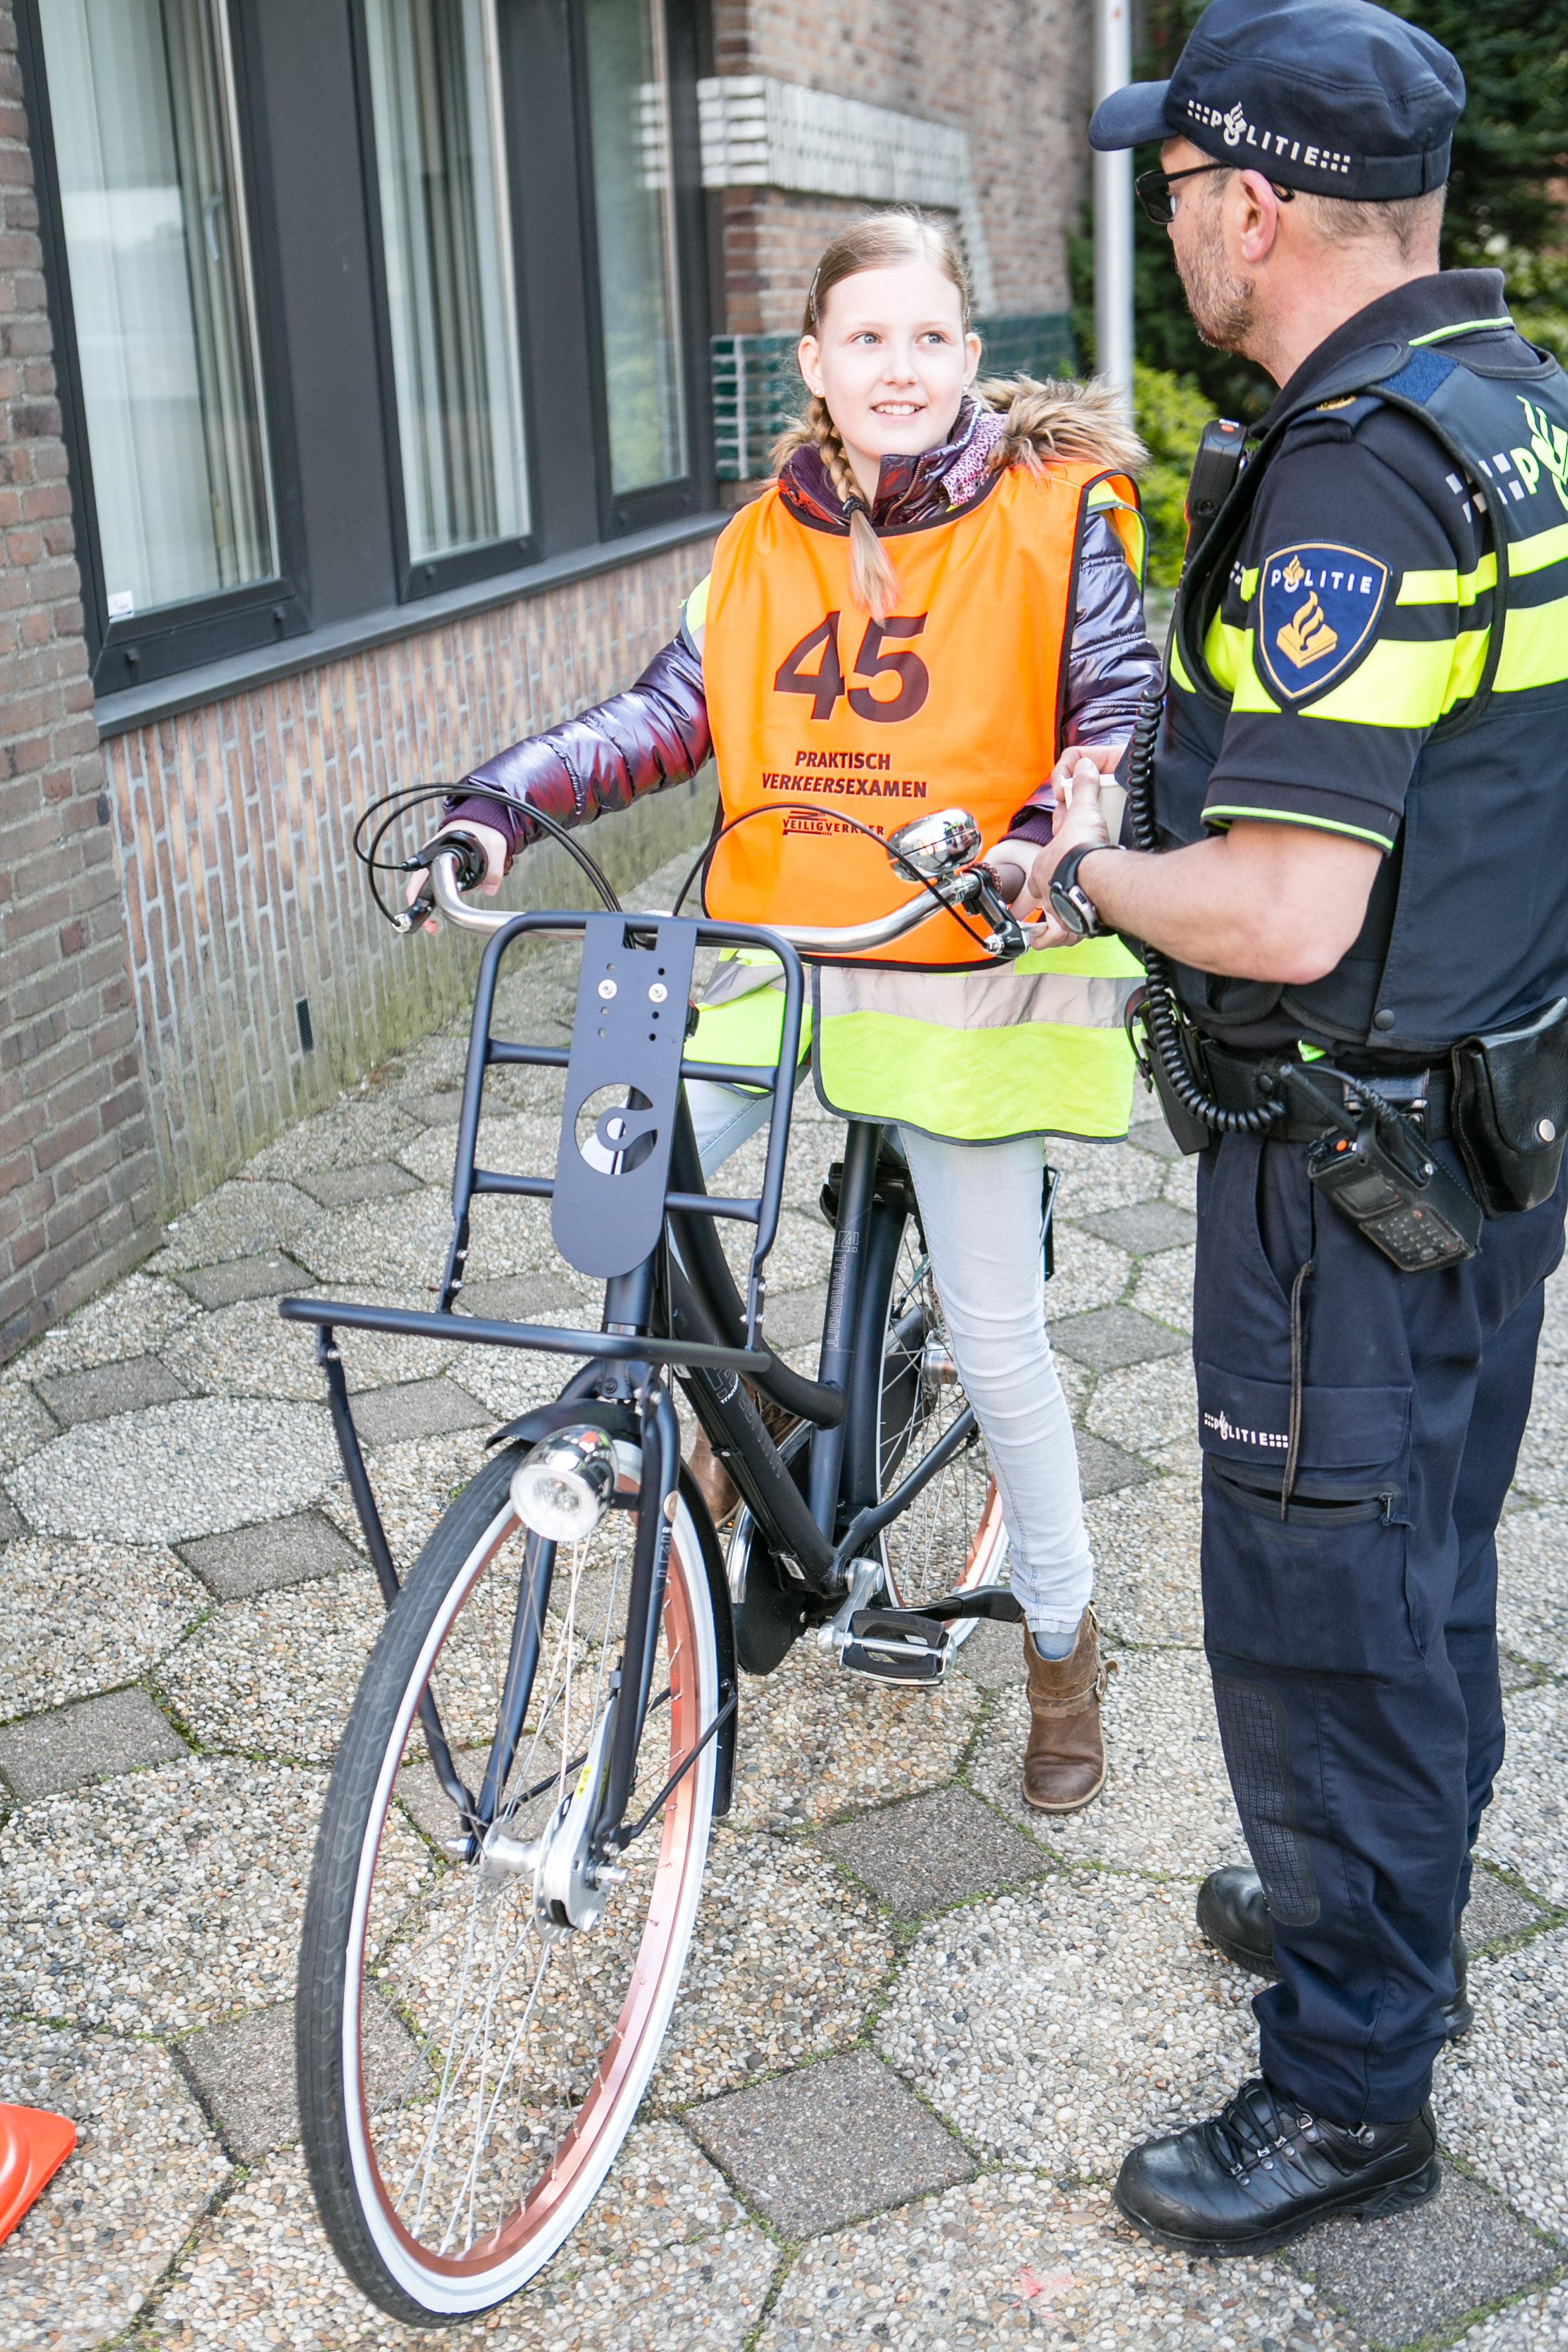 verkeersexamen foto eric van nieuwland 080924